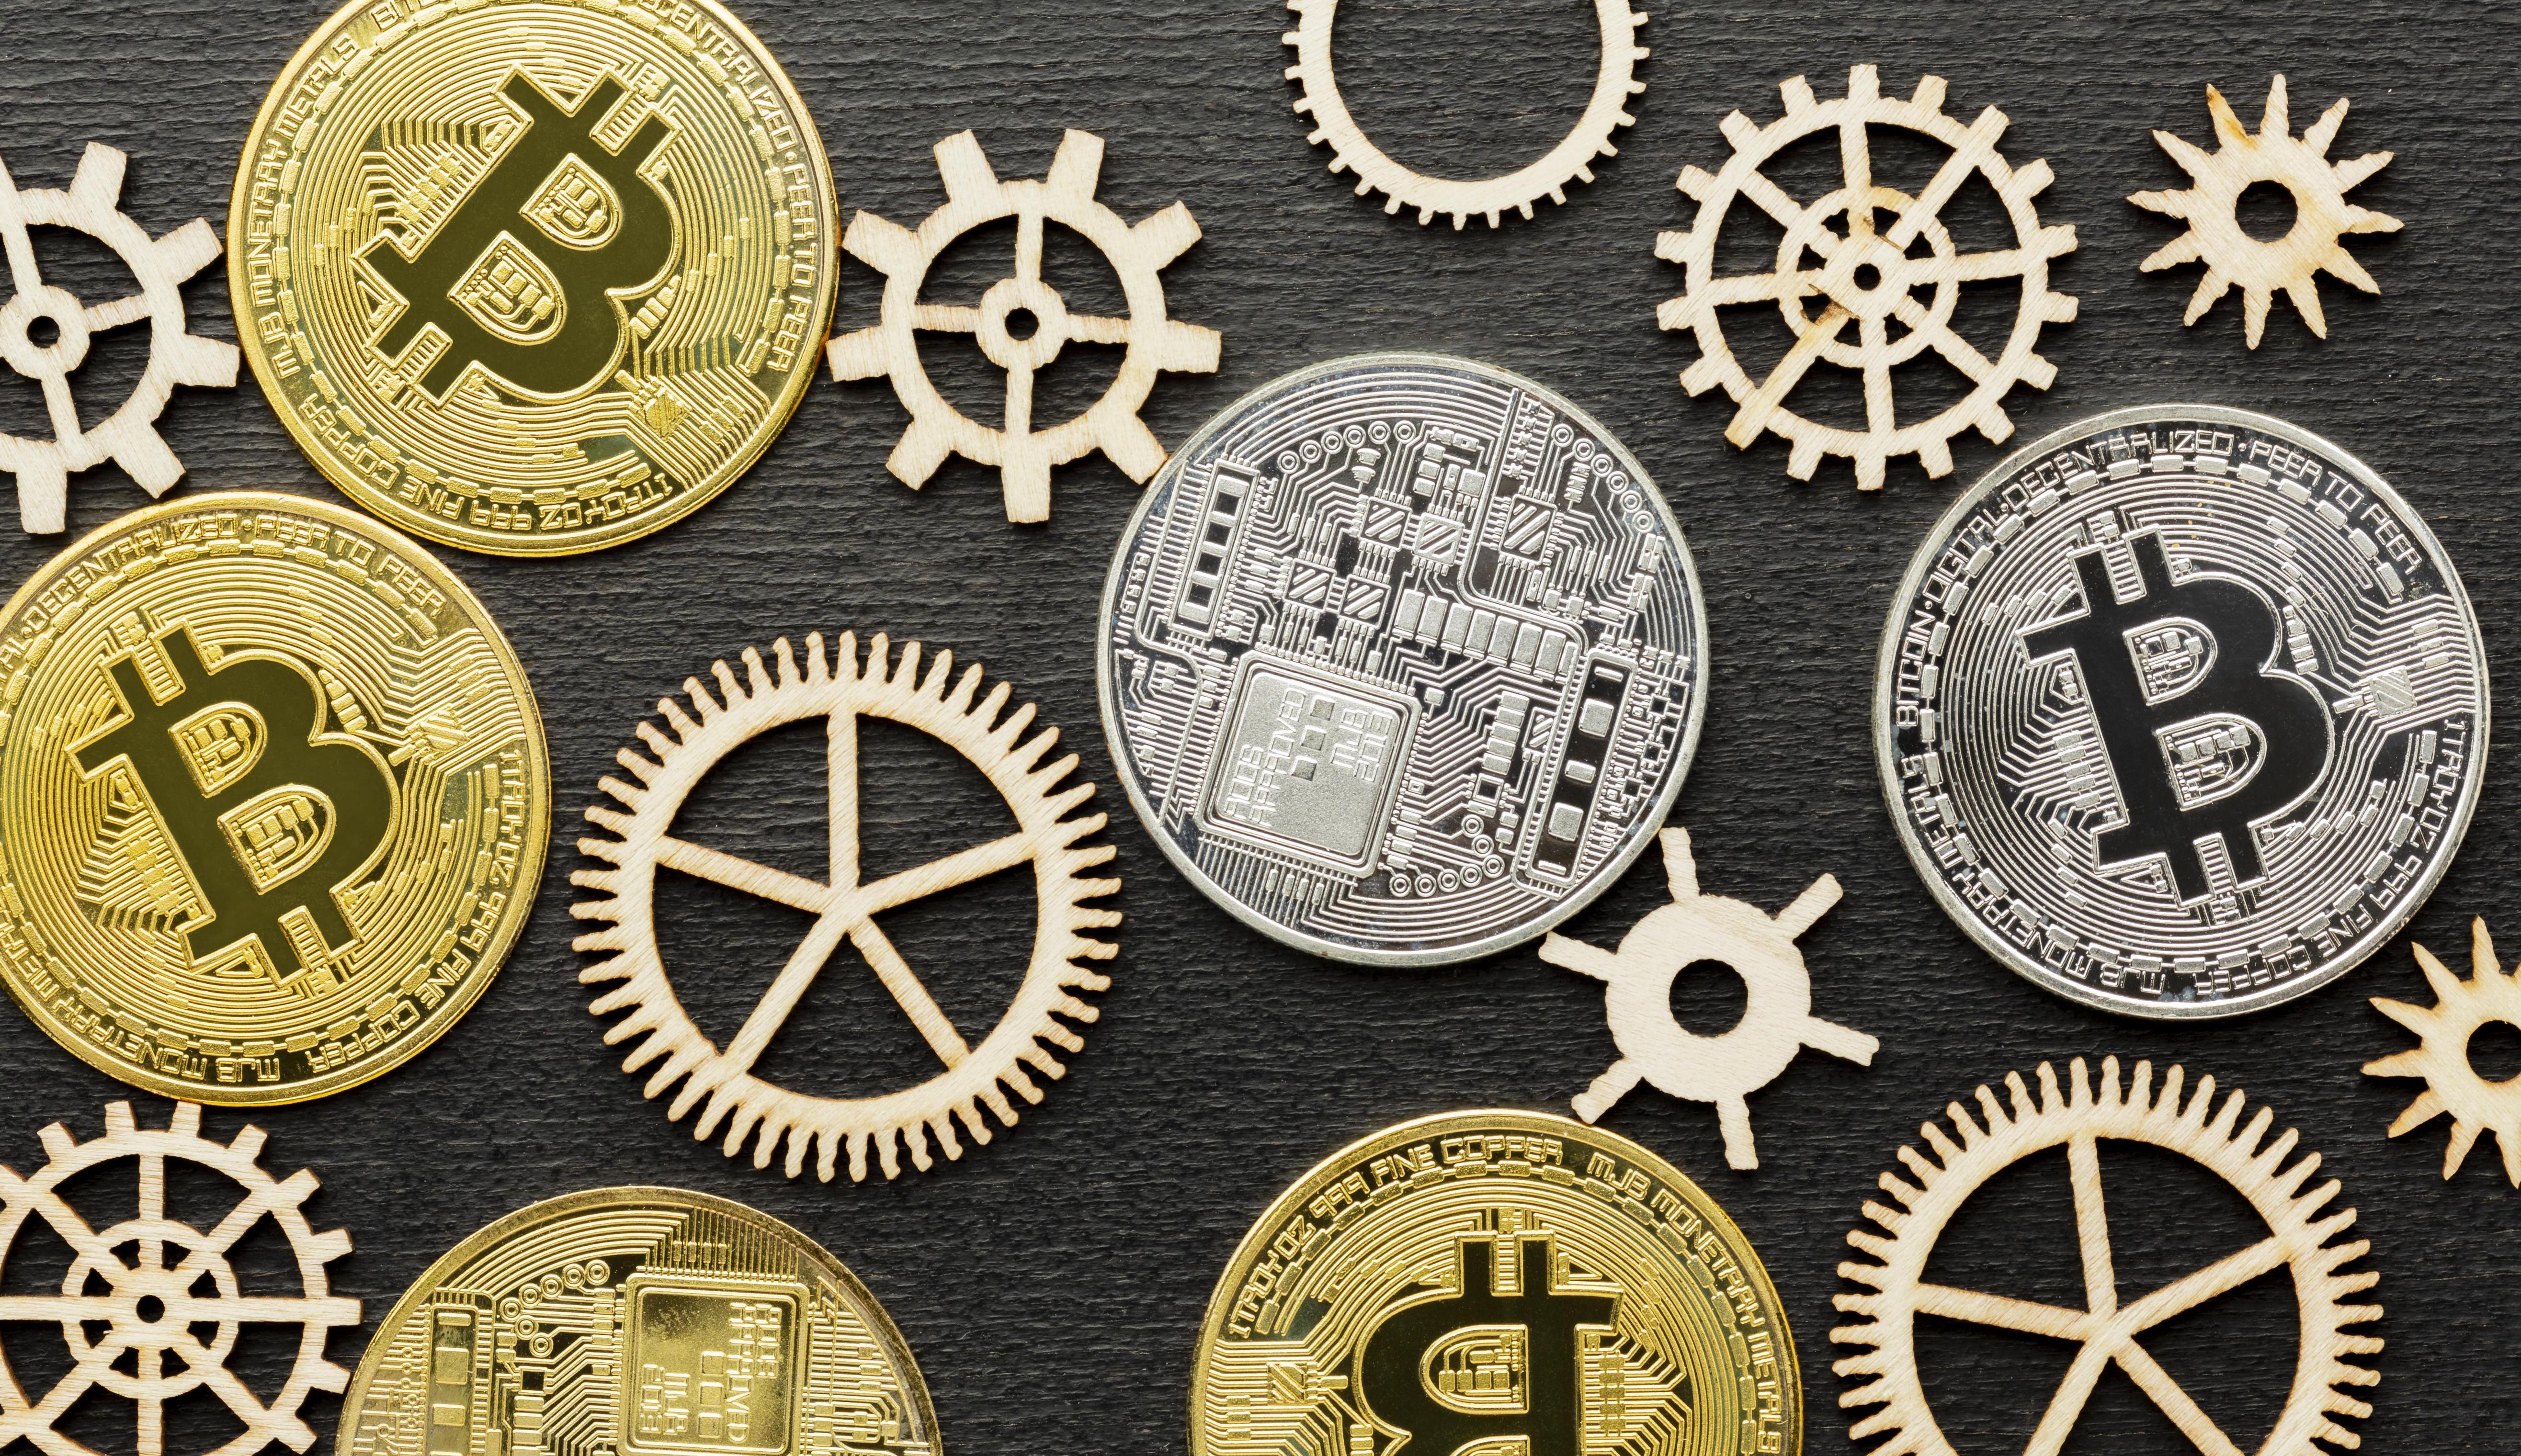 Bitcoin registra 5ª semana seguida de saída de recursos, aponta CoinShares